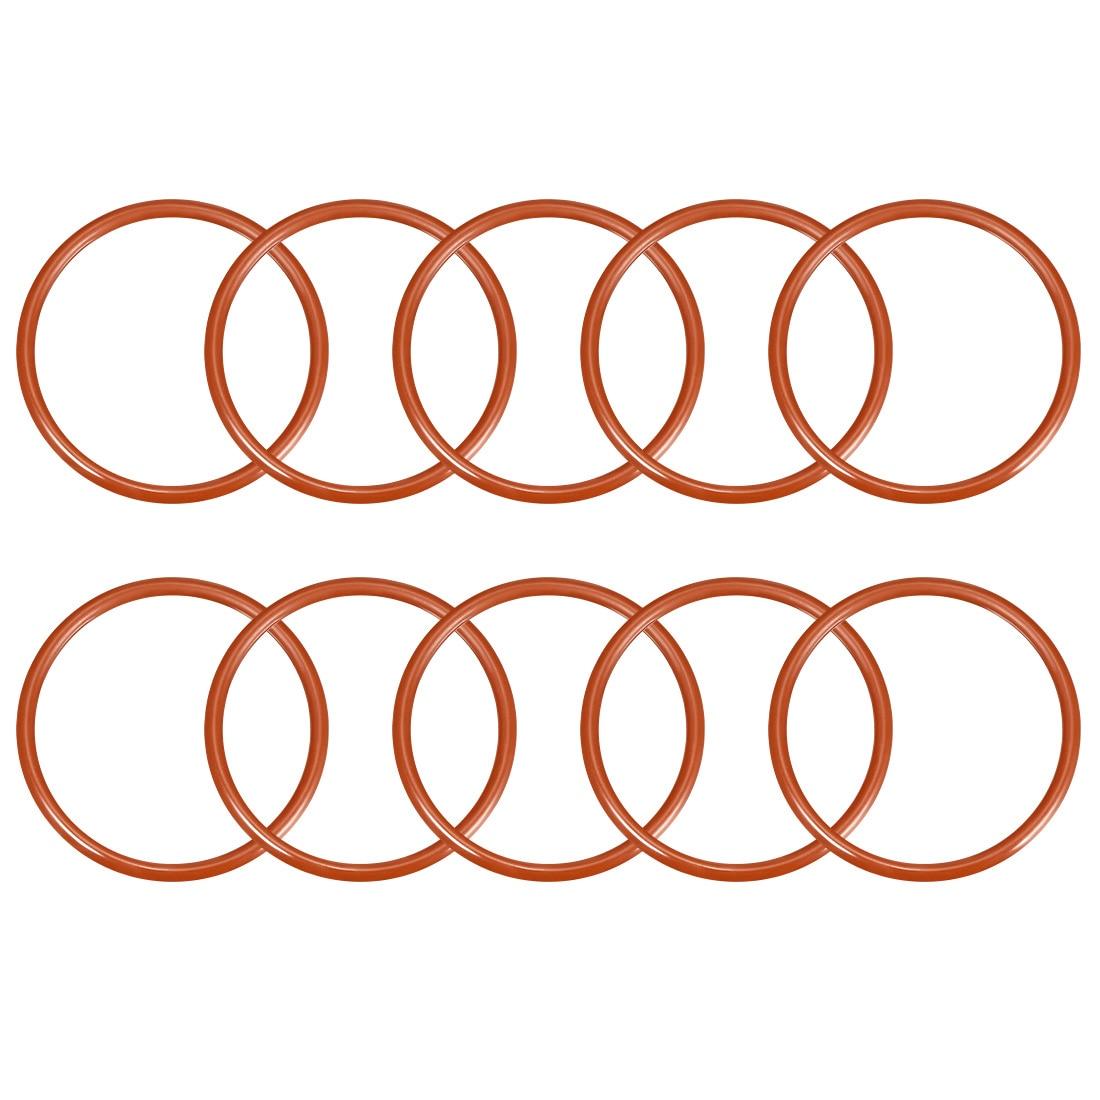 Anillos de silicona uxcell, anillos de sellado de 41mm-52mm de diámetro exterior, Junta de sellado de color rojo para intercambiador de calor de recipientes de reacción, 10 Uds.